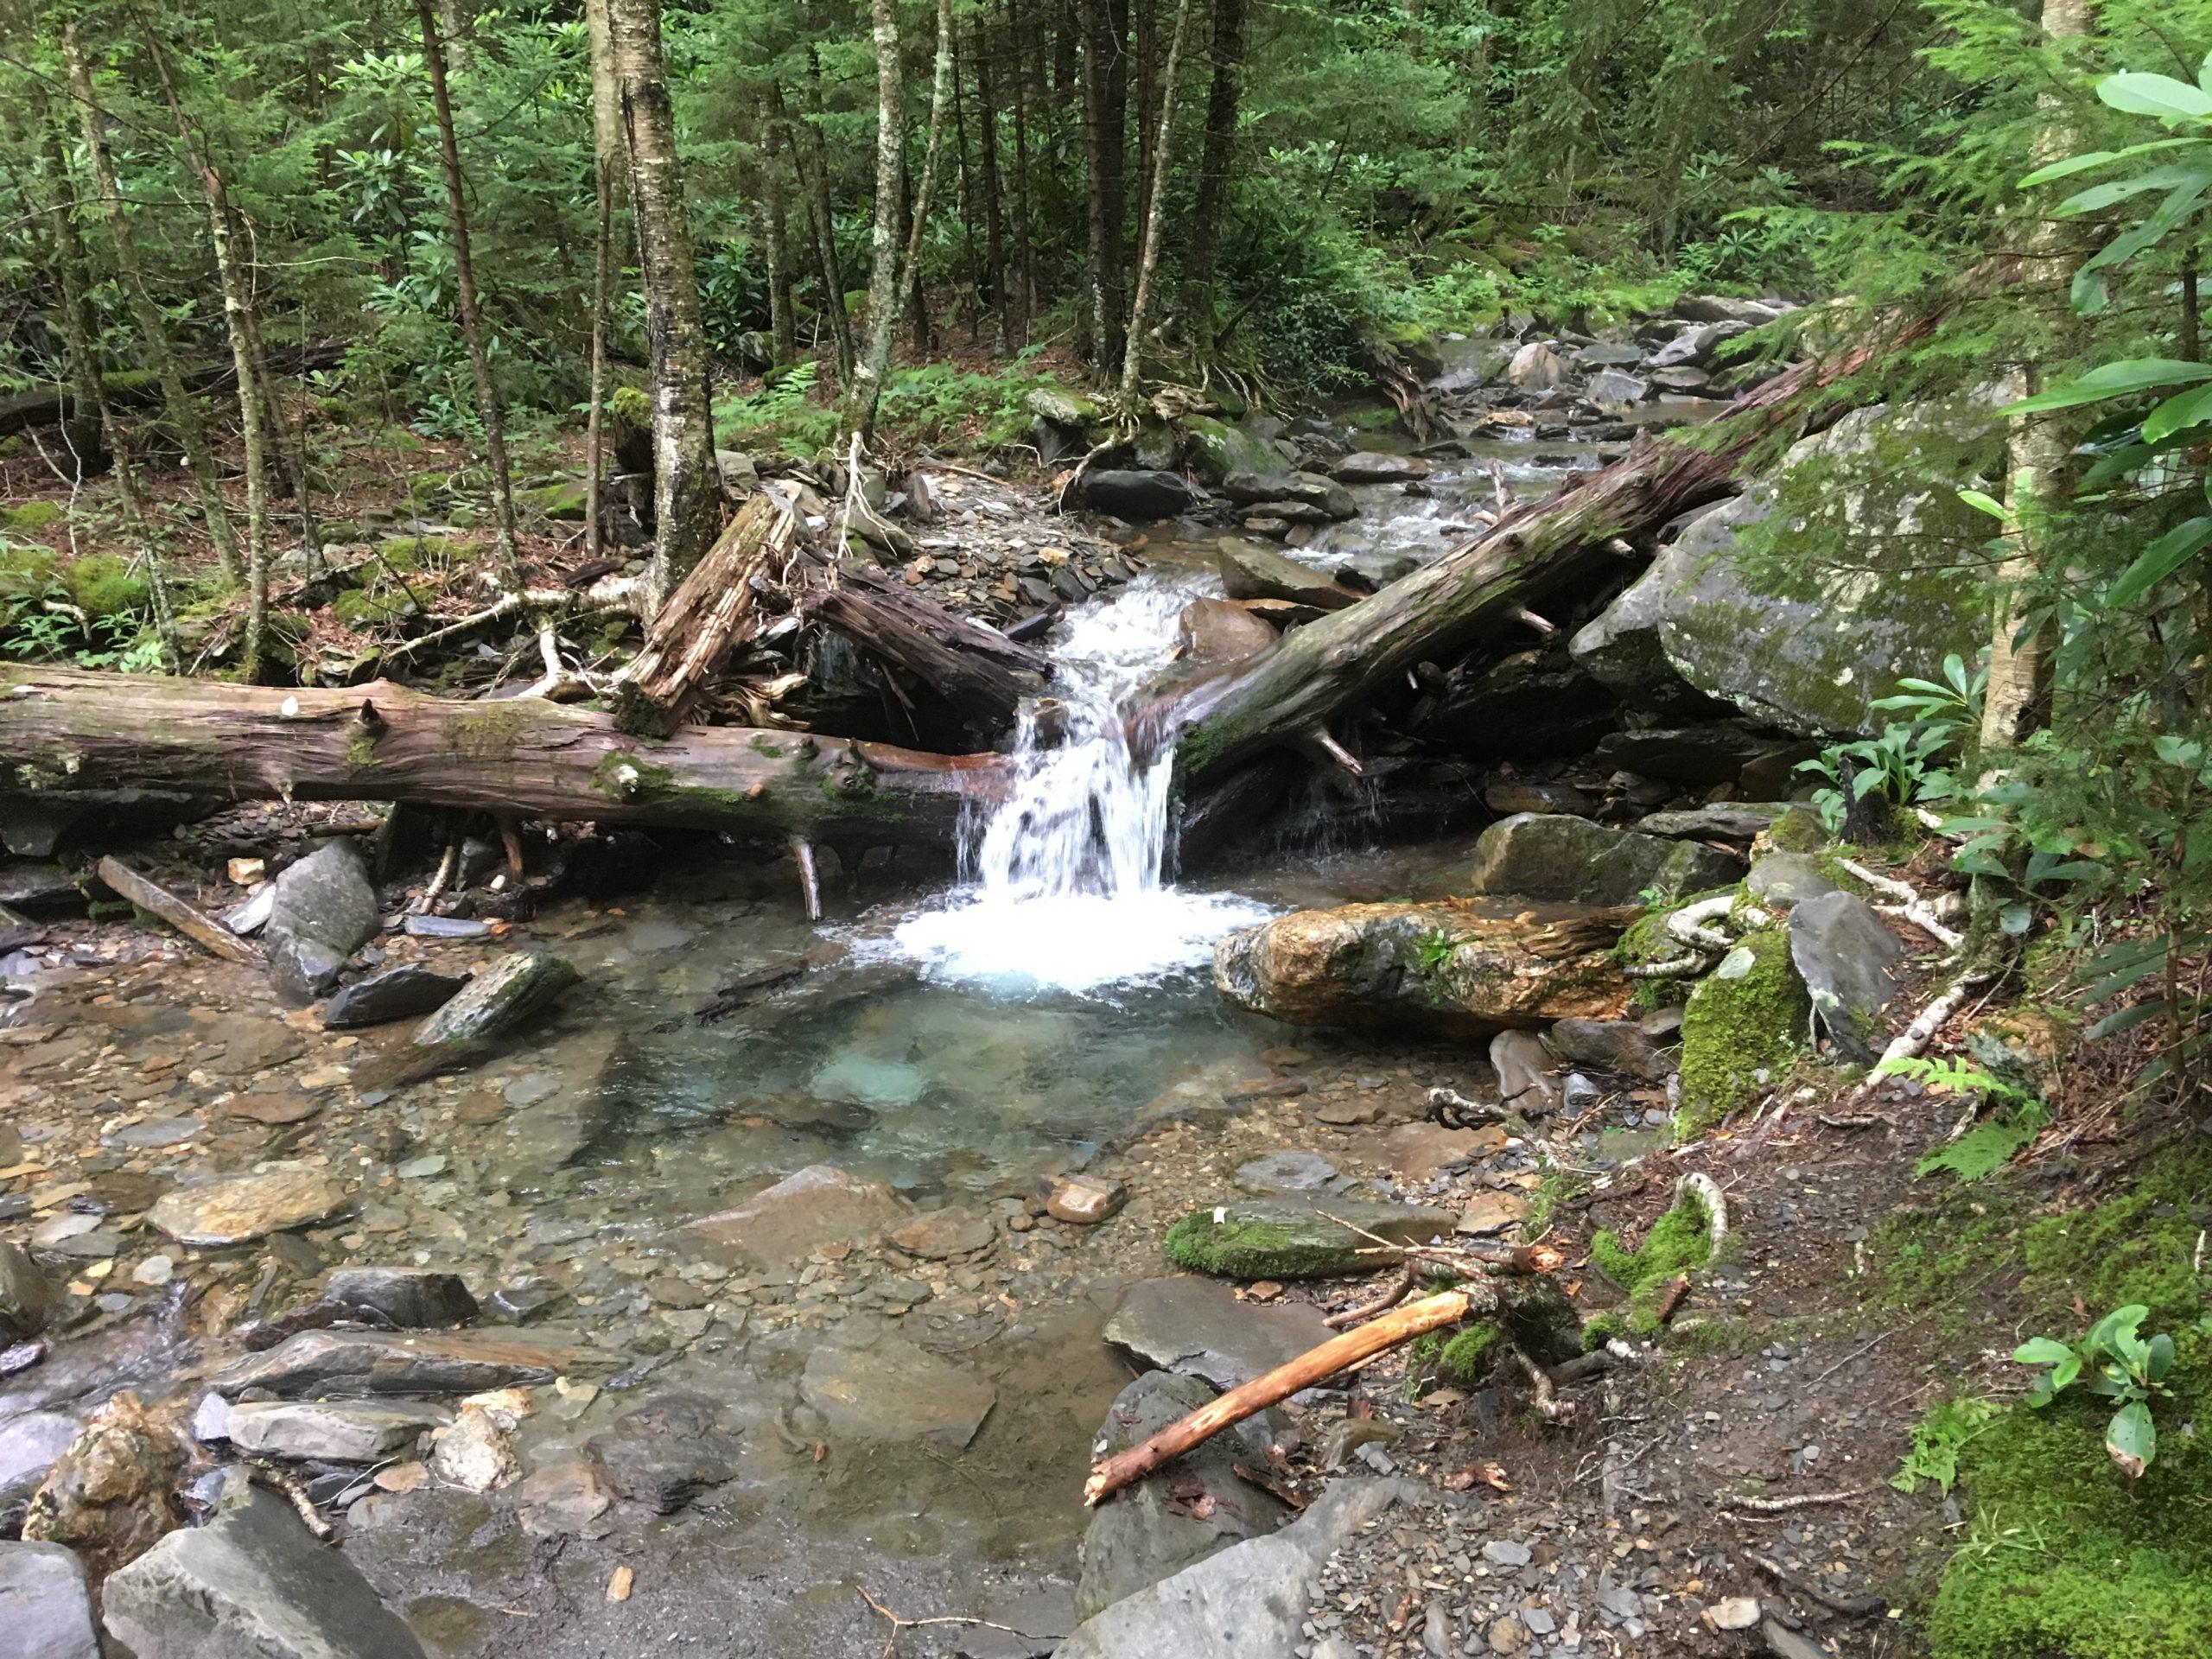 Log-jam on a Smoky Mtn Creek